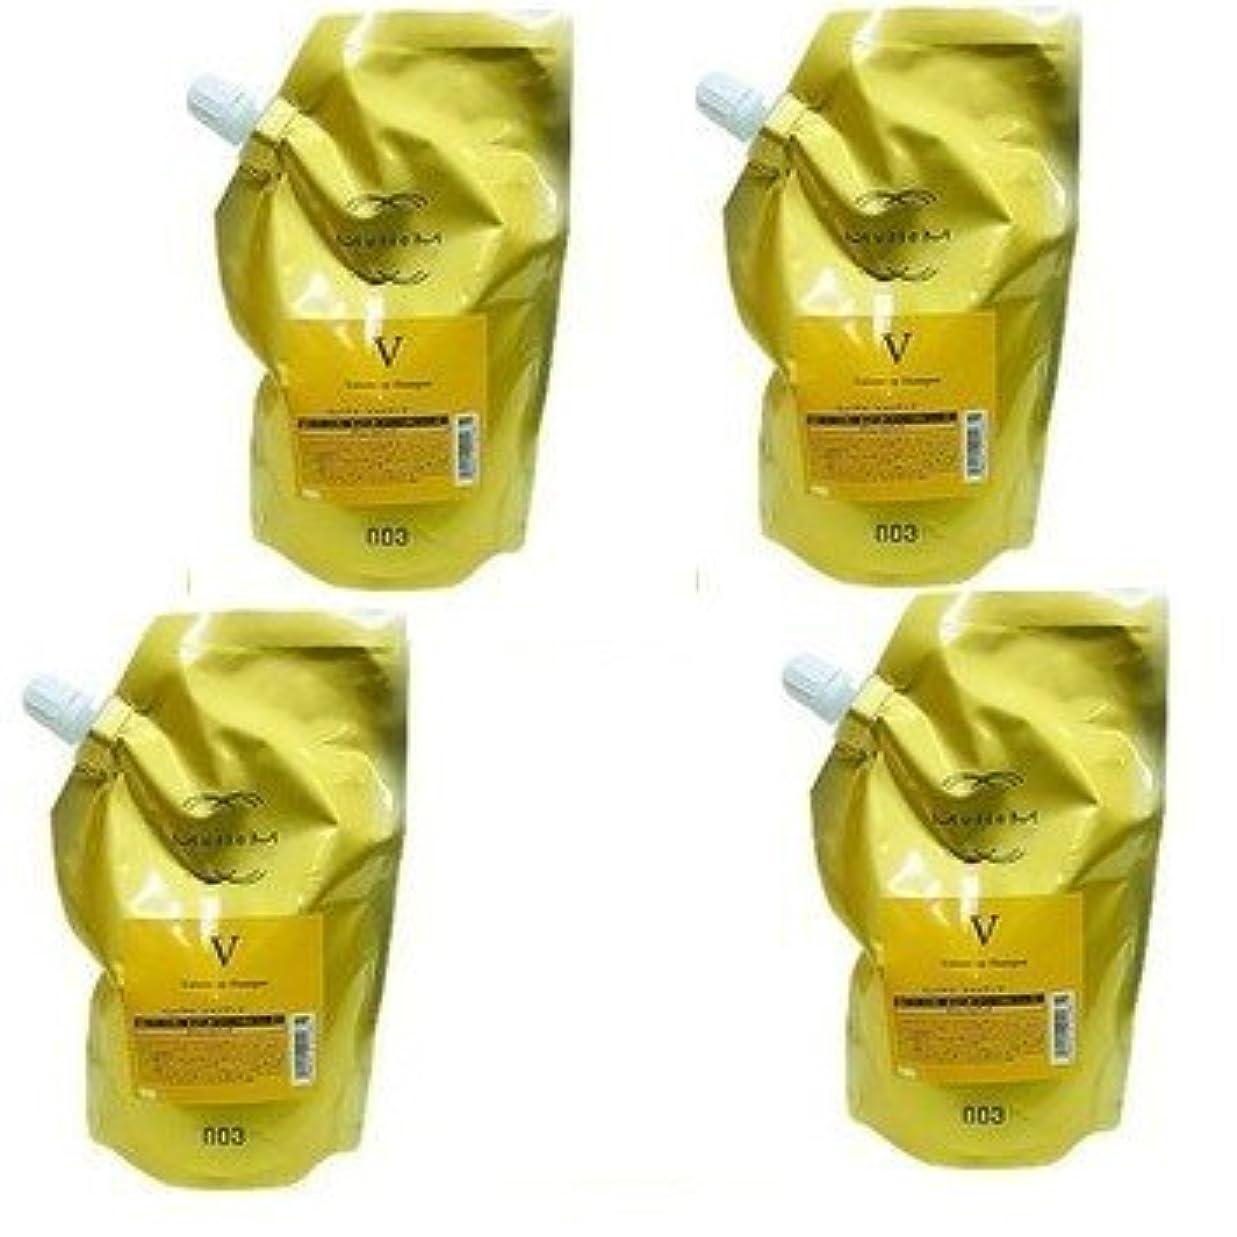 販売員歴史的靴下【X4個セット】 ナンバースリー ミュリアム ゴールド シャンプー V 500ml 詰替え用